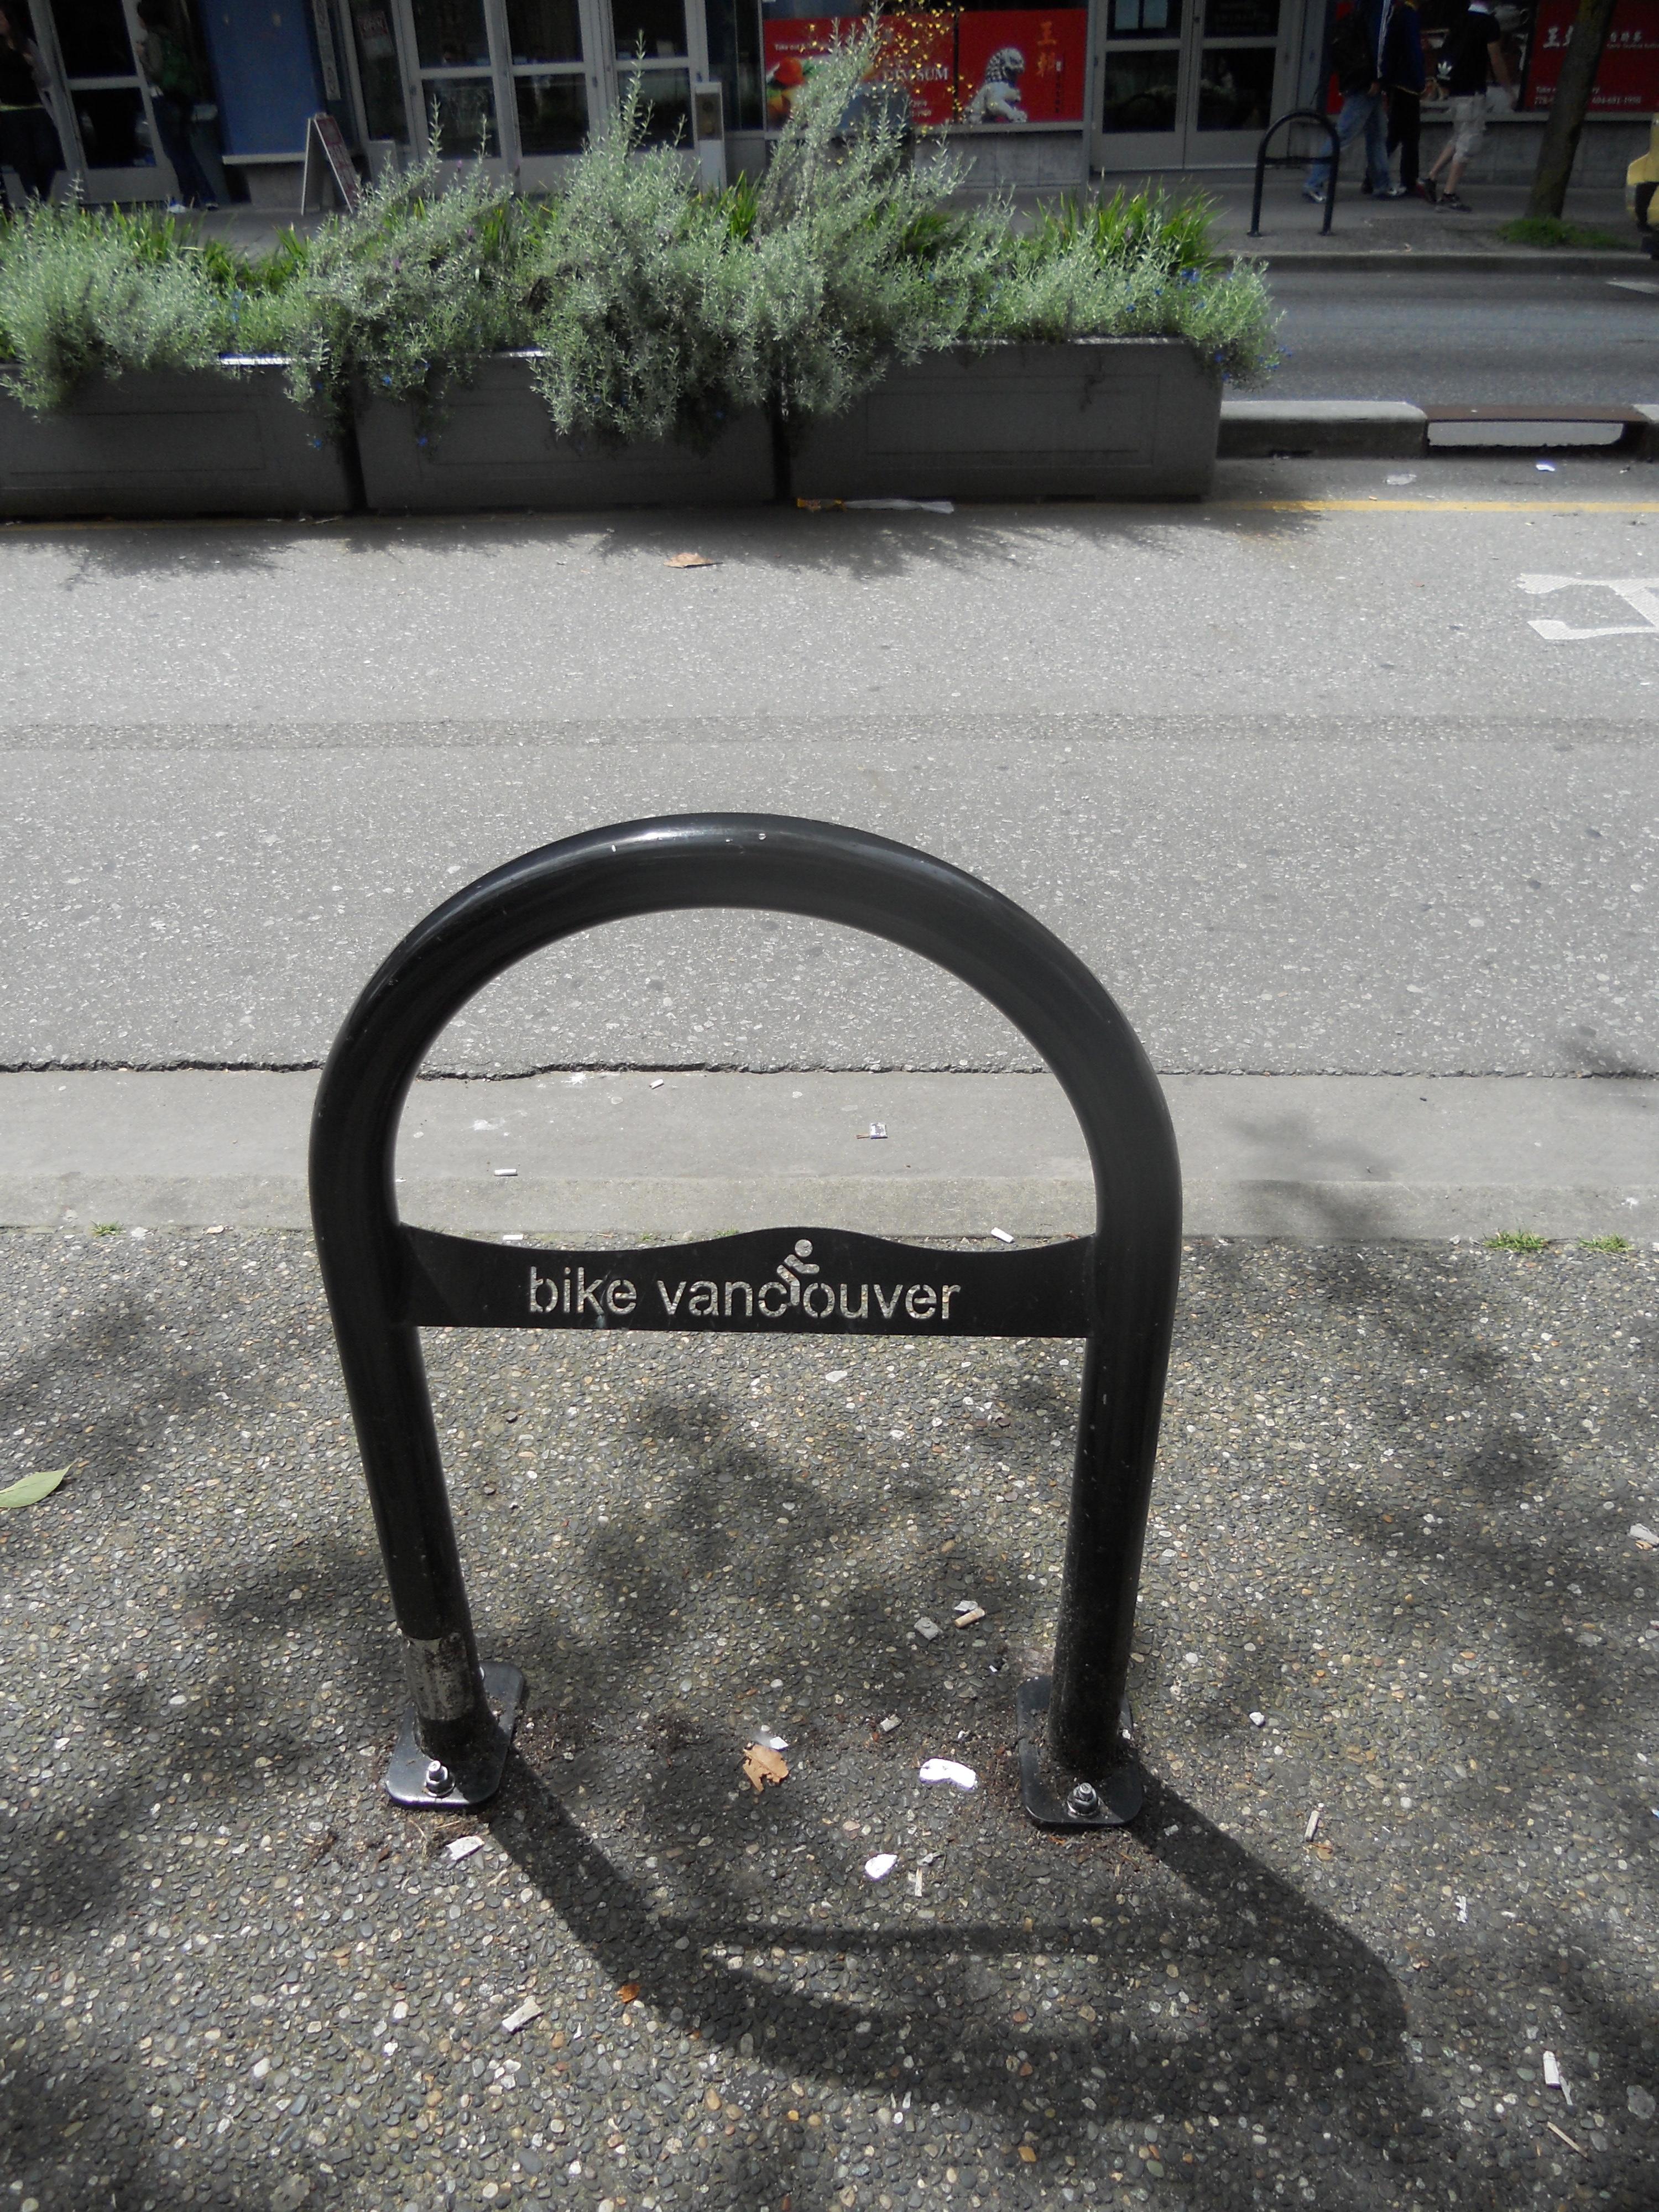 Bike lane -- downtown vancouver photo